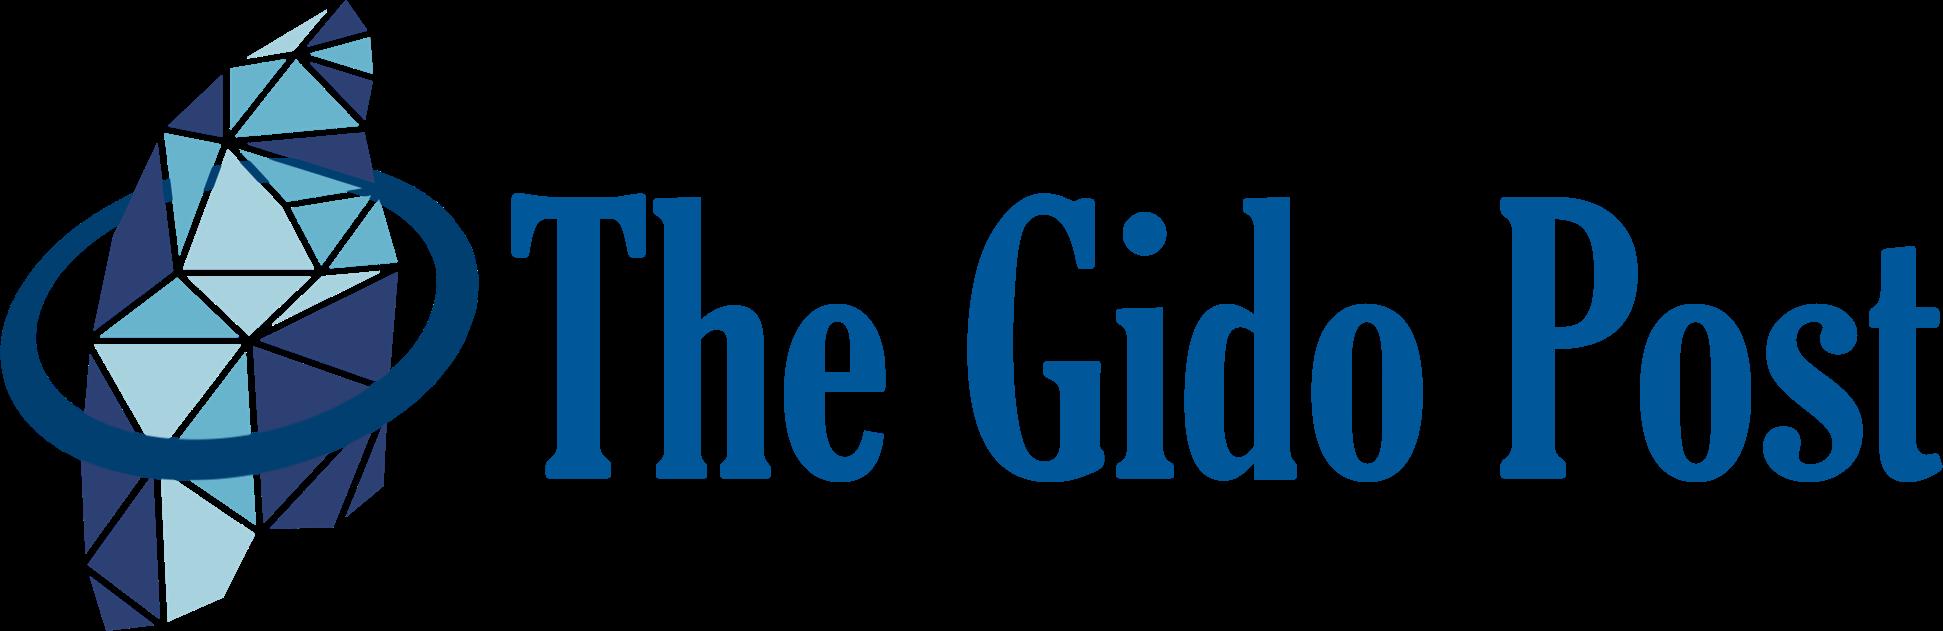 Gido Post